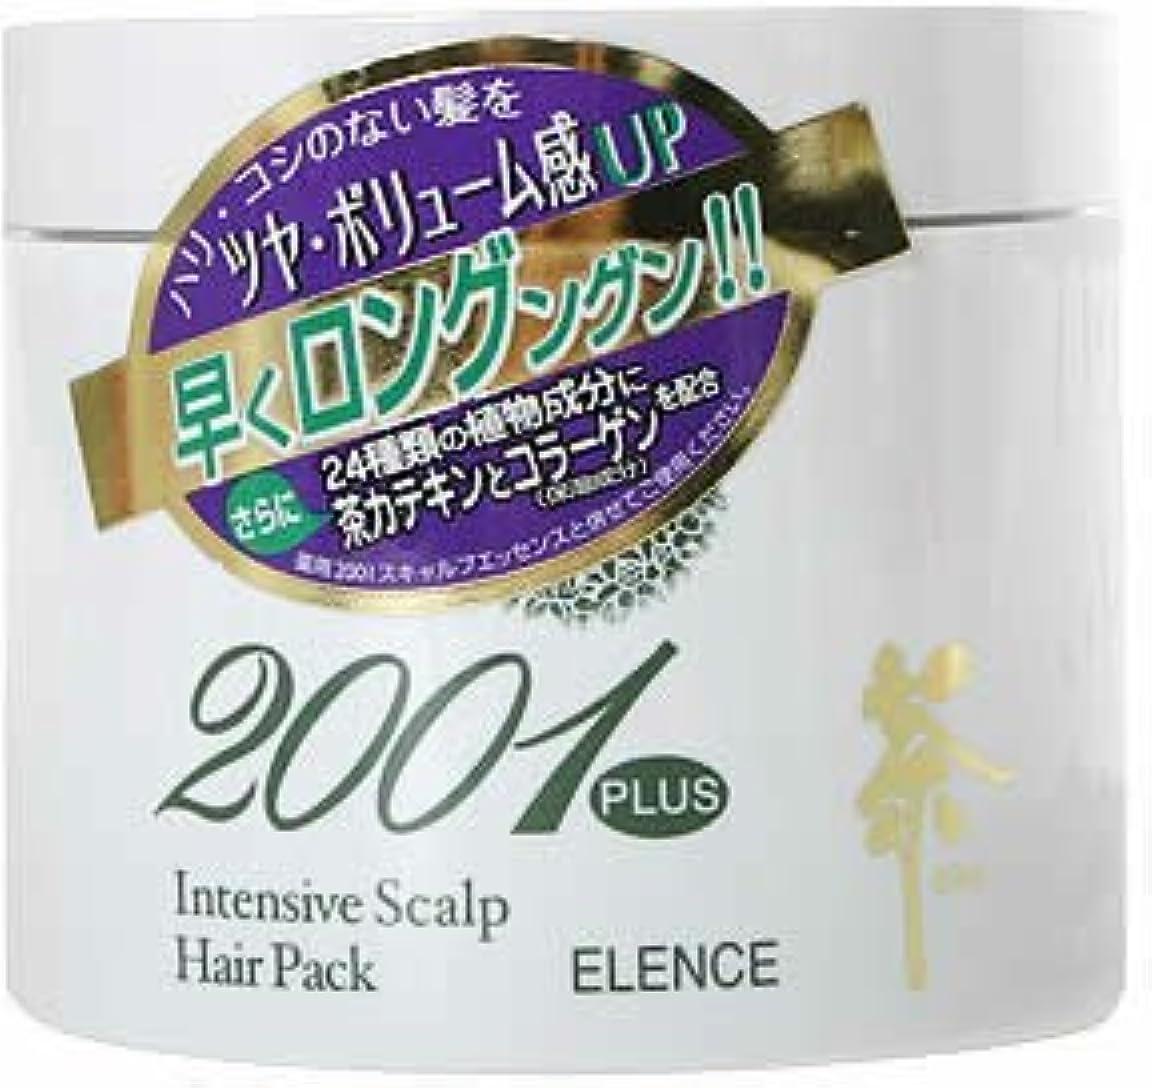 エレンス2001プラス インテンシブスキャルプヘアパック